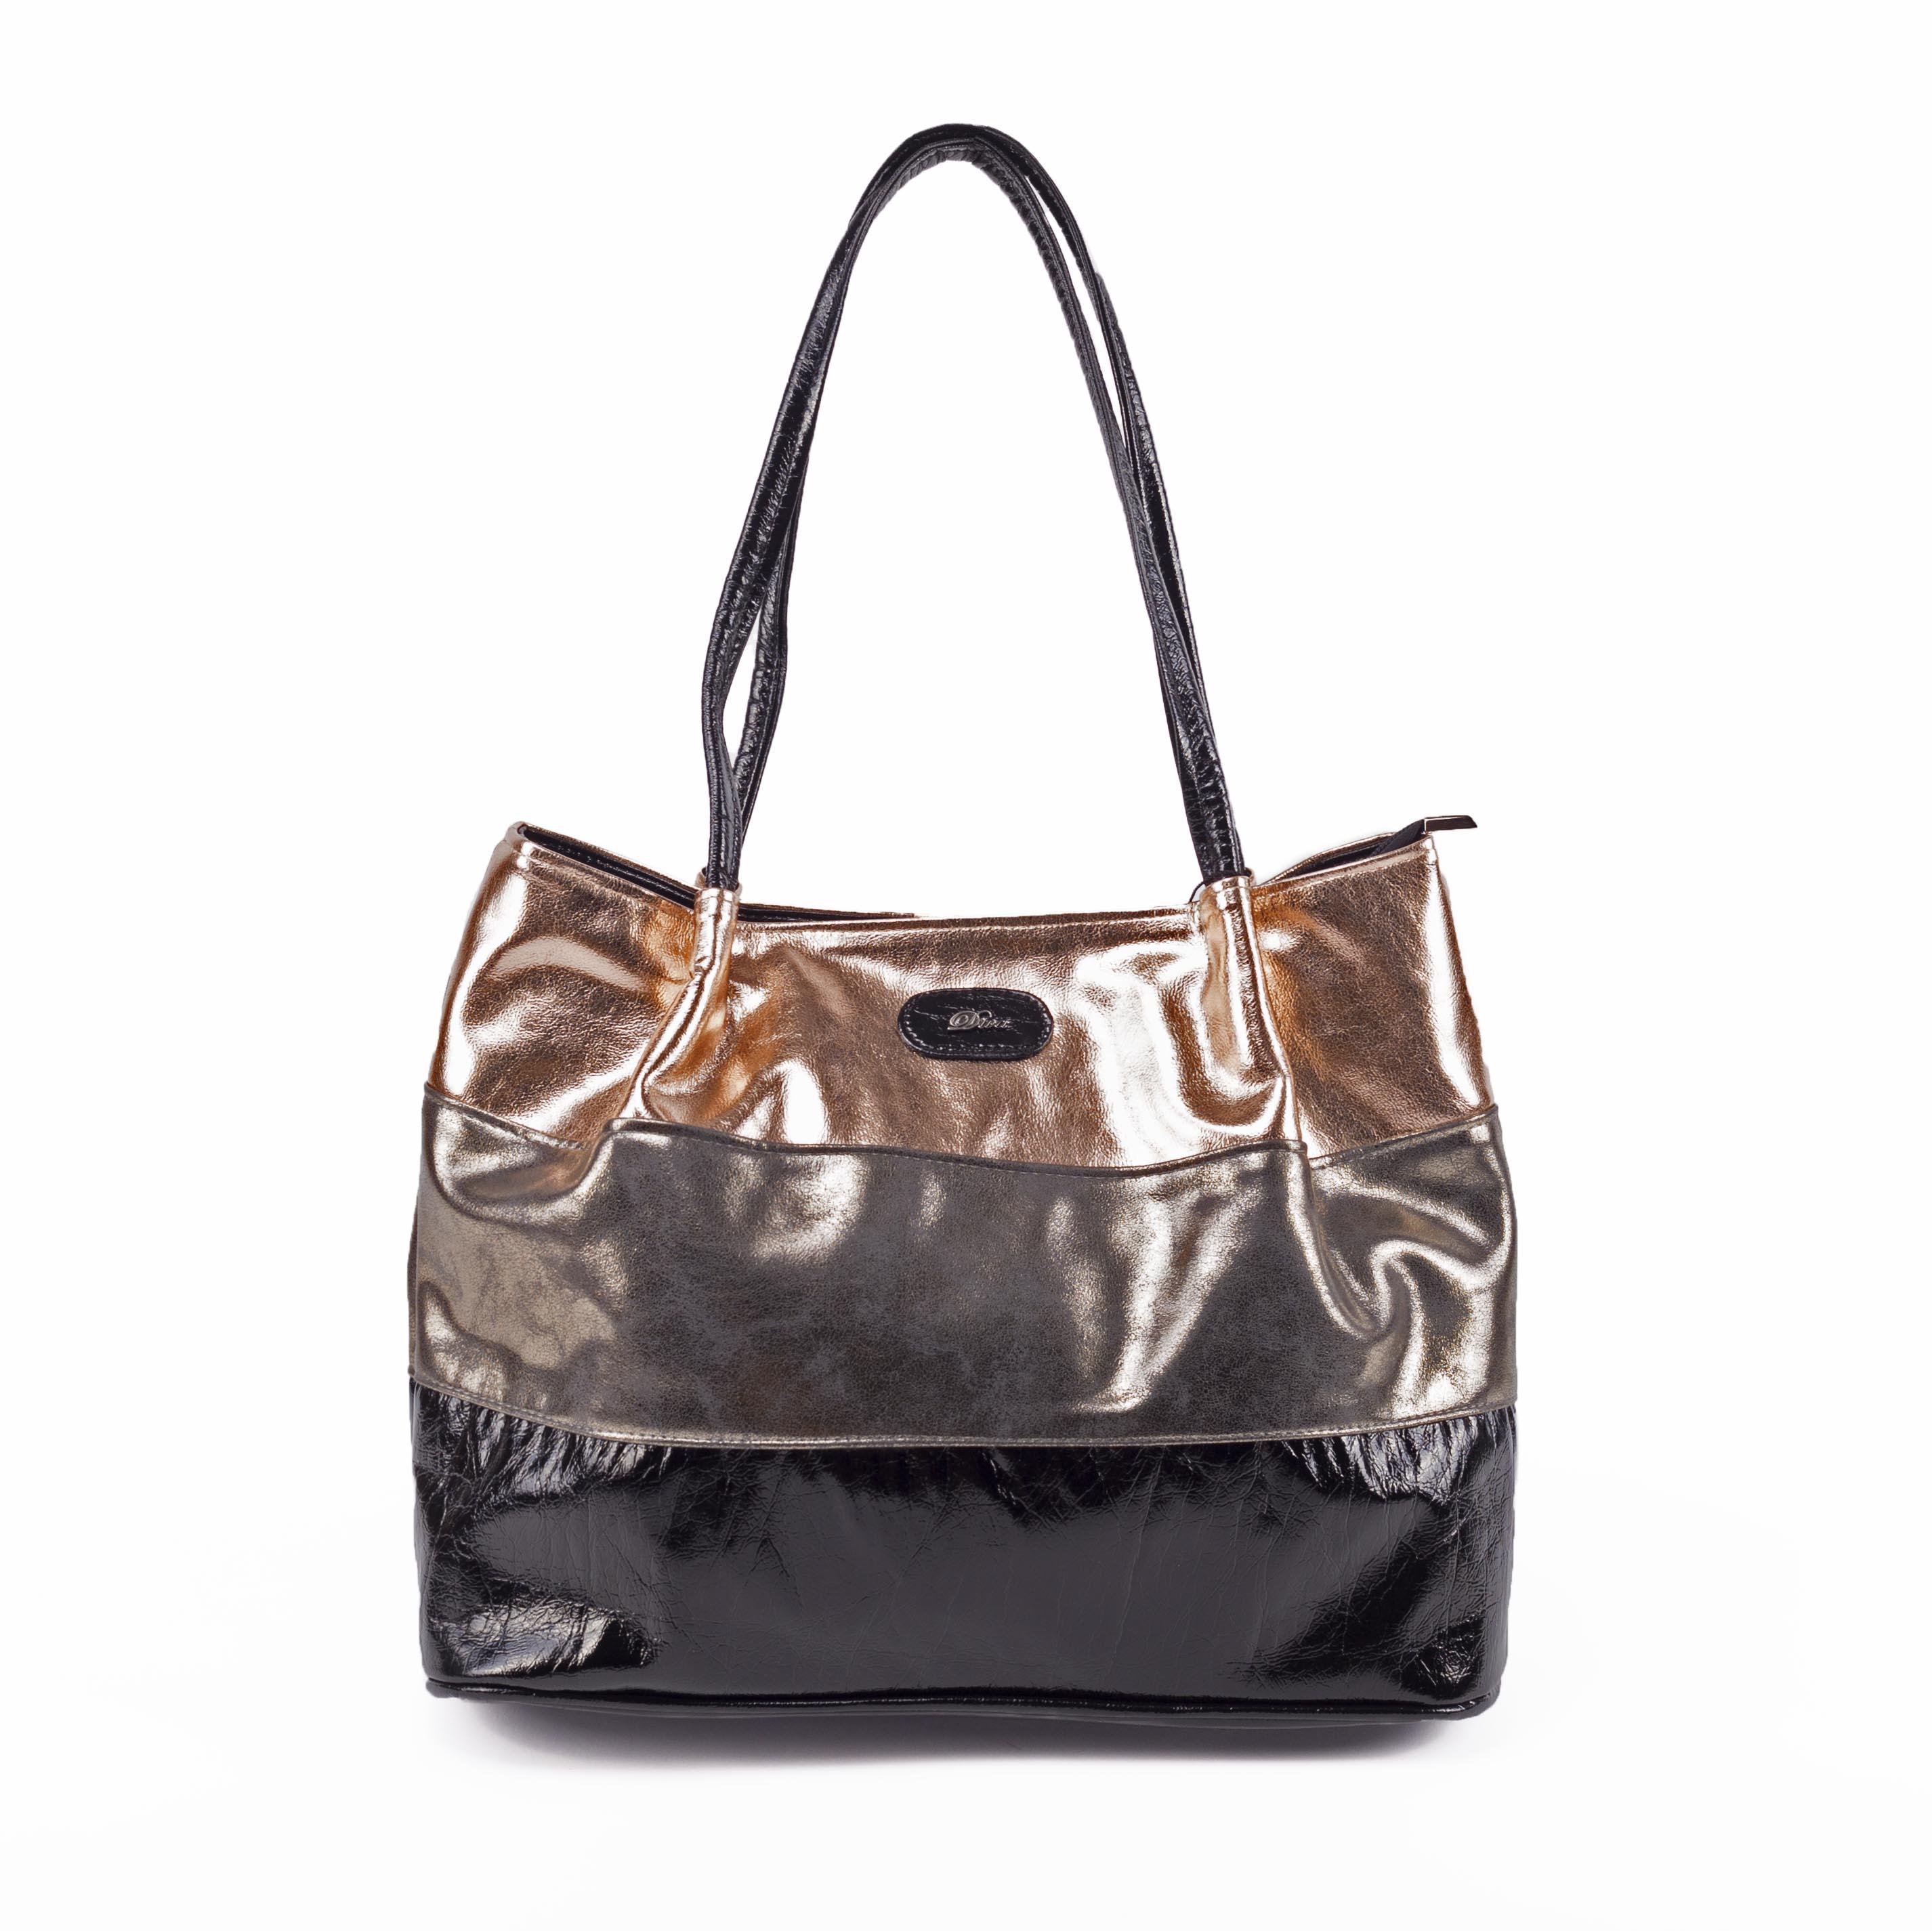 Diva Női Csíkos Arany Bronz Válltáska - Válltáskák - Táska webáruház -  Minőségi táskák mindenkinek ad7a24e10f